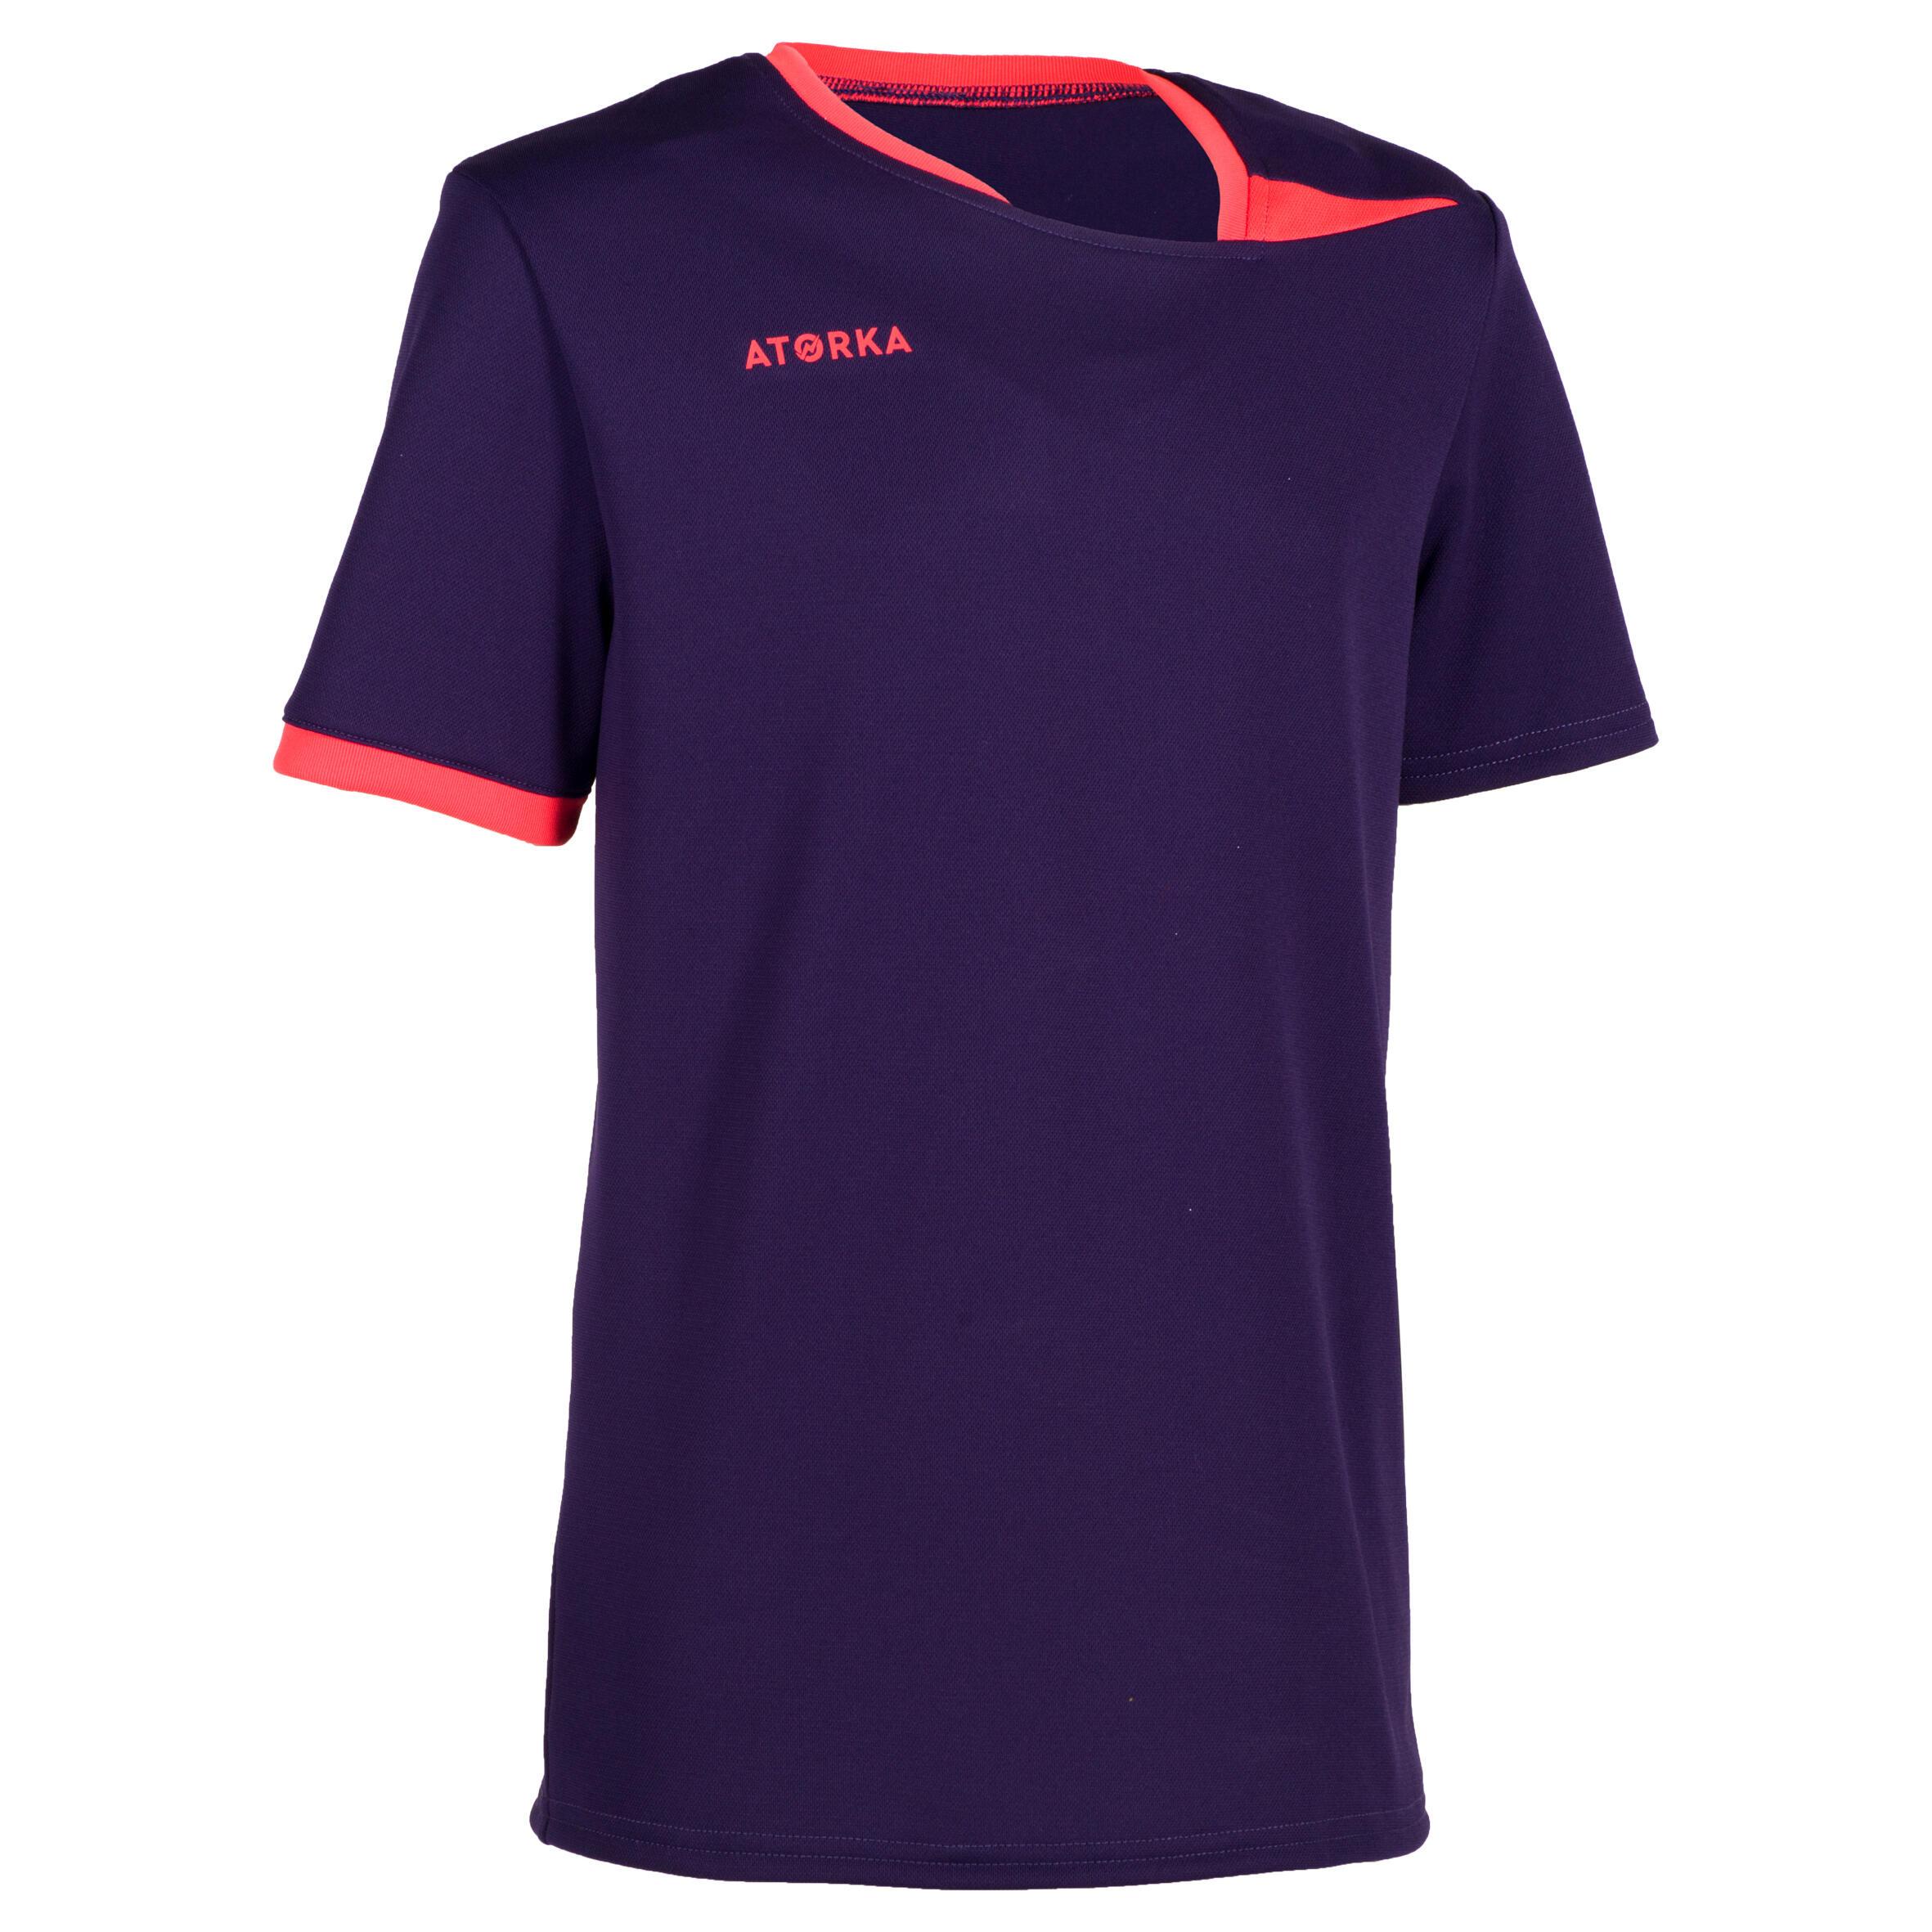 Kinder Handballtrikot H100 Kinder violett   03583788168621